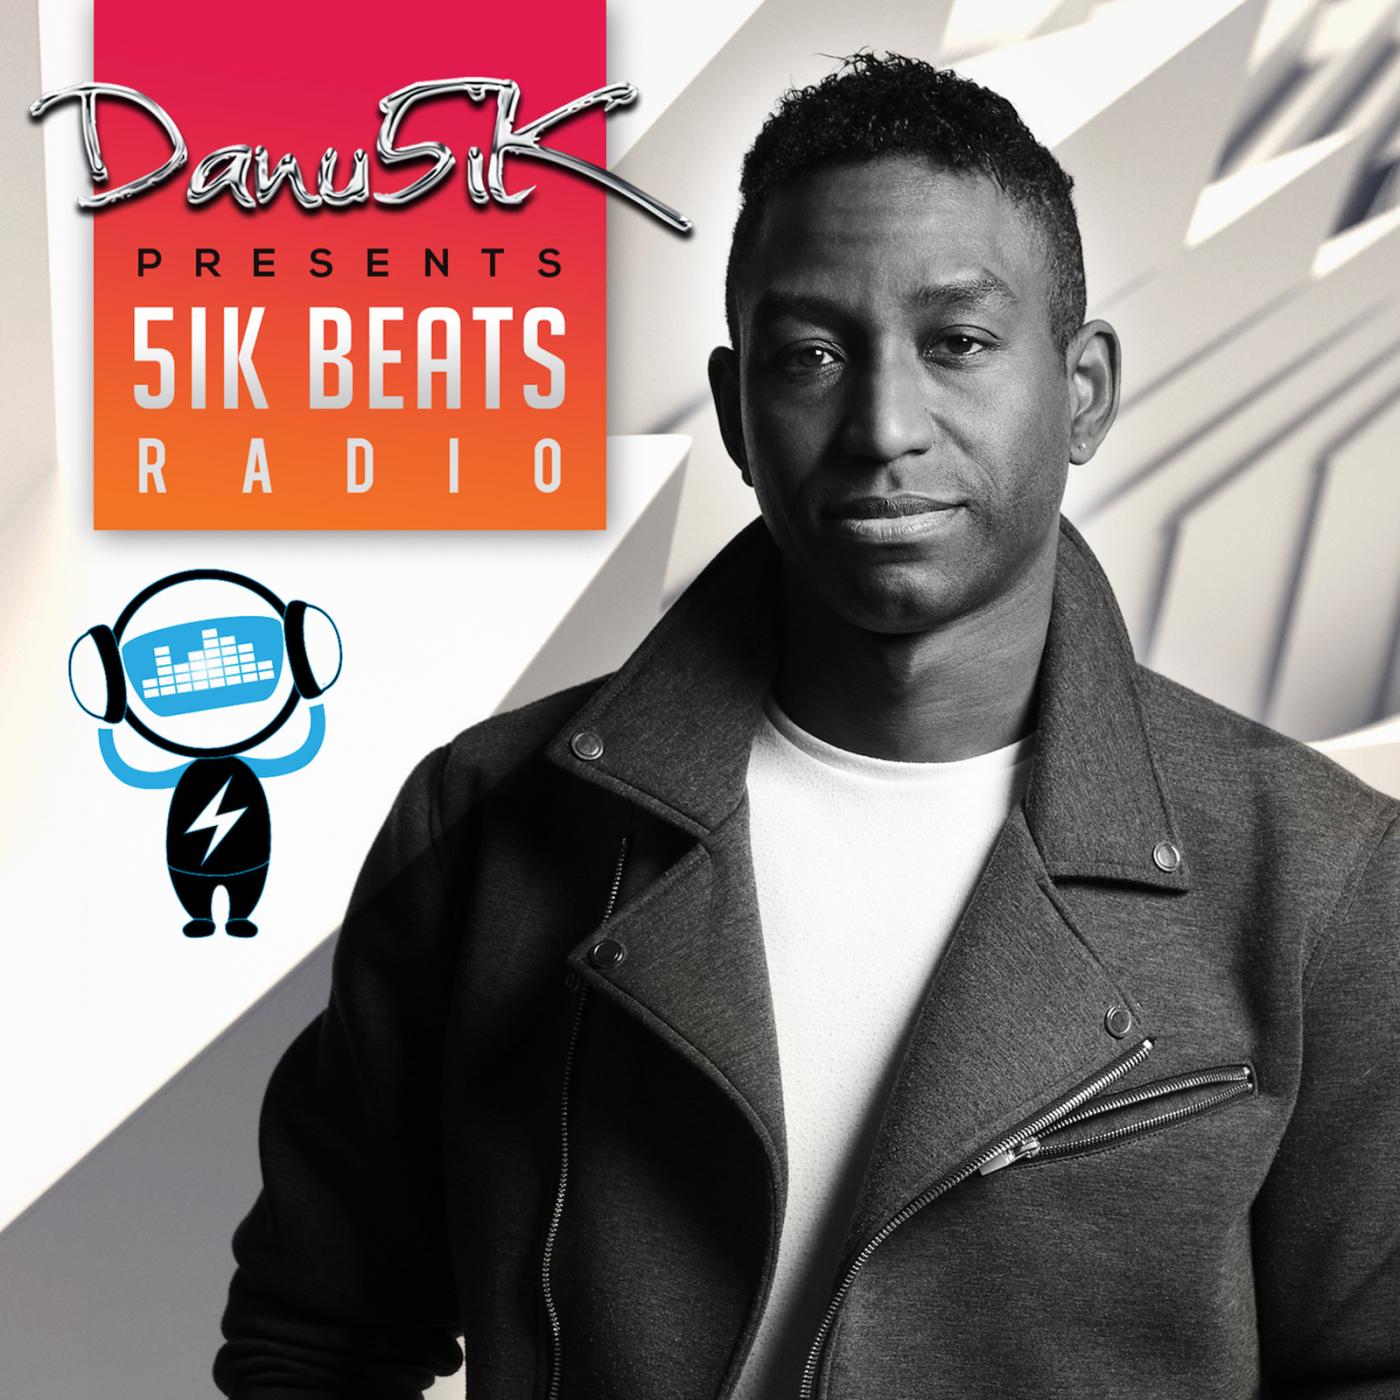 5ik Beats Radio 102 | Danu5ik